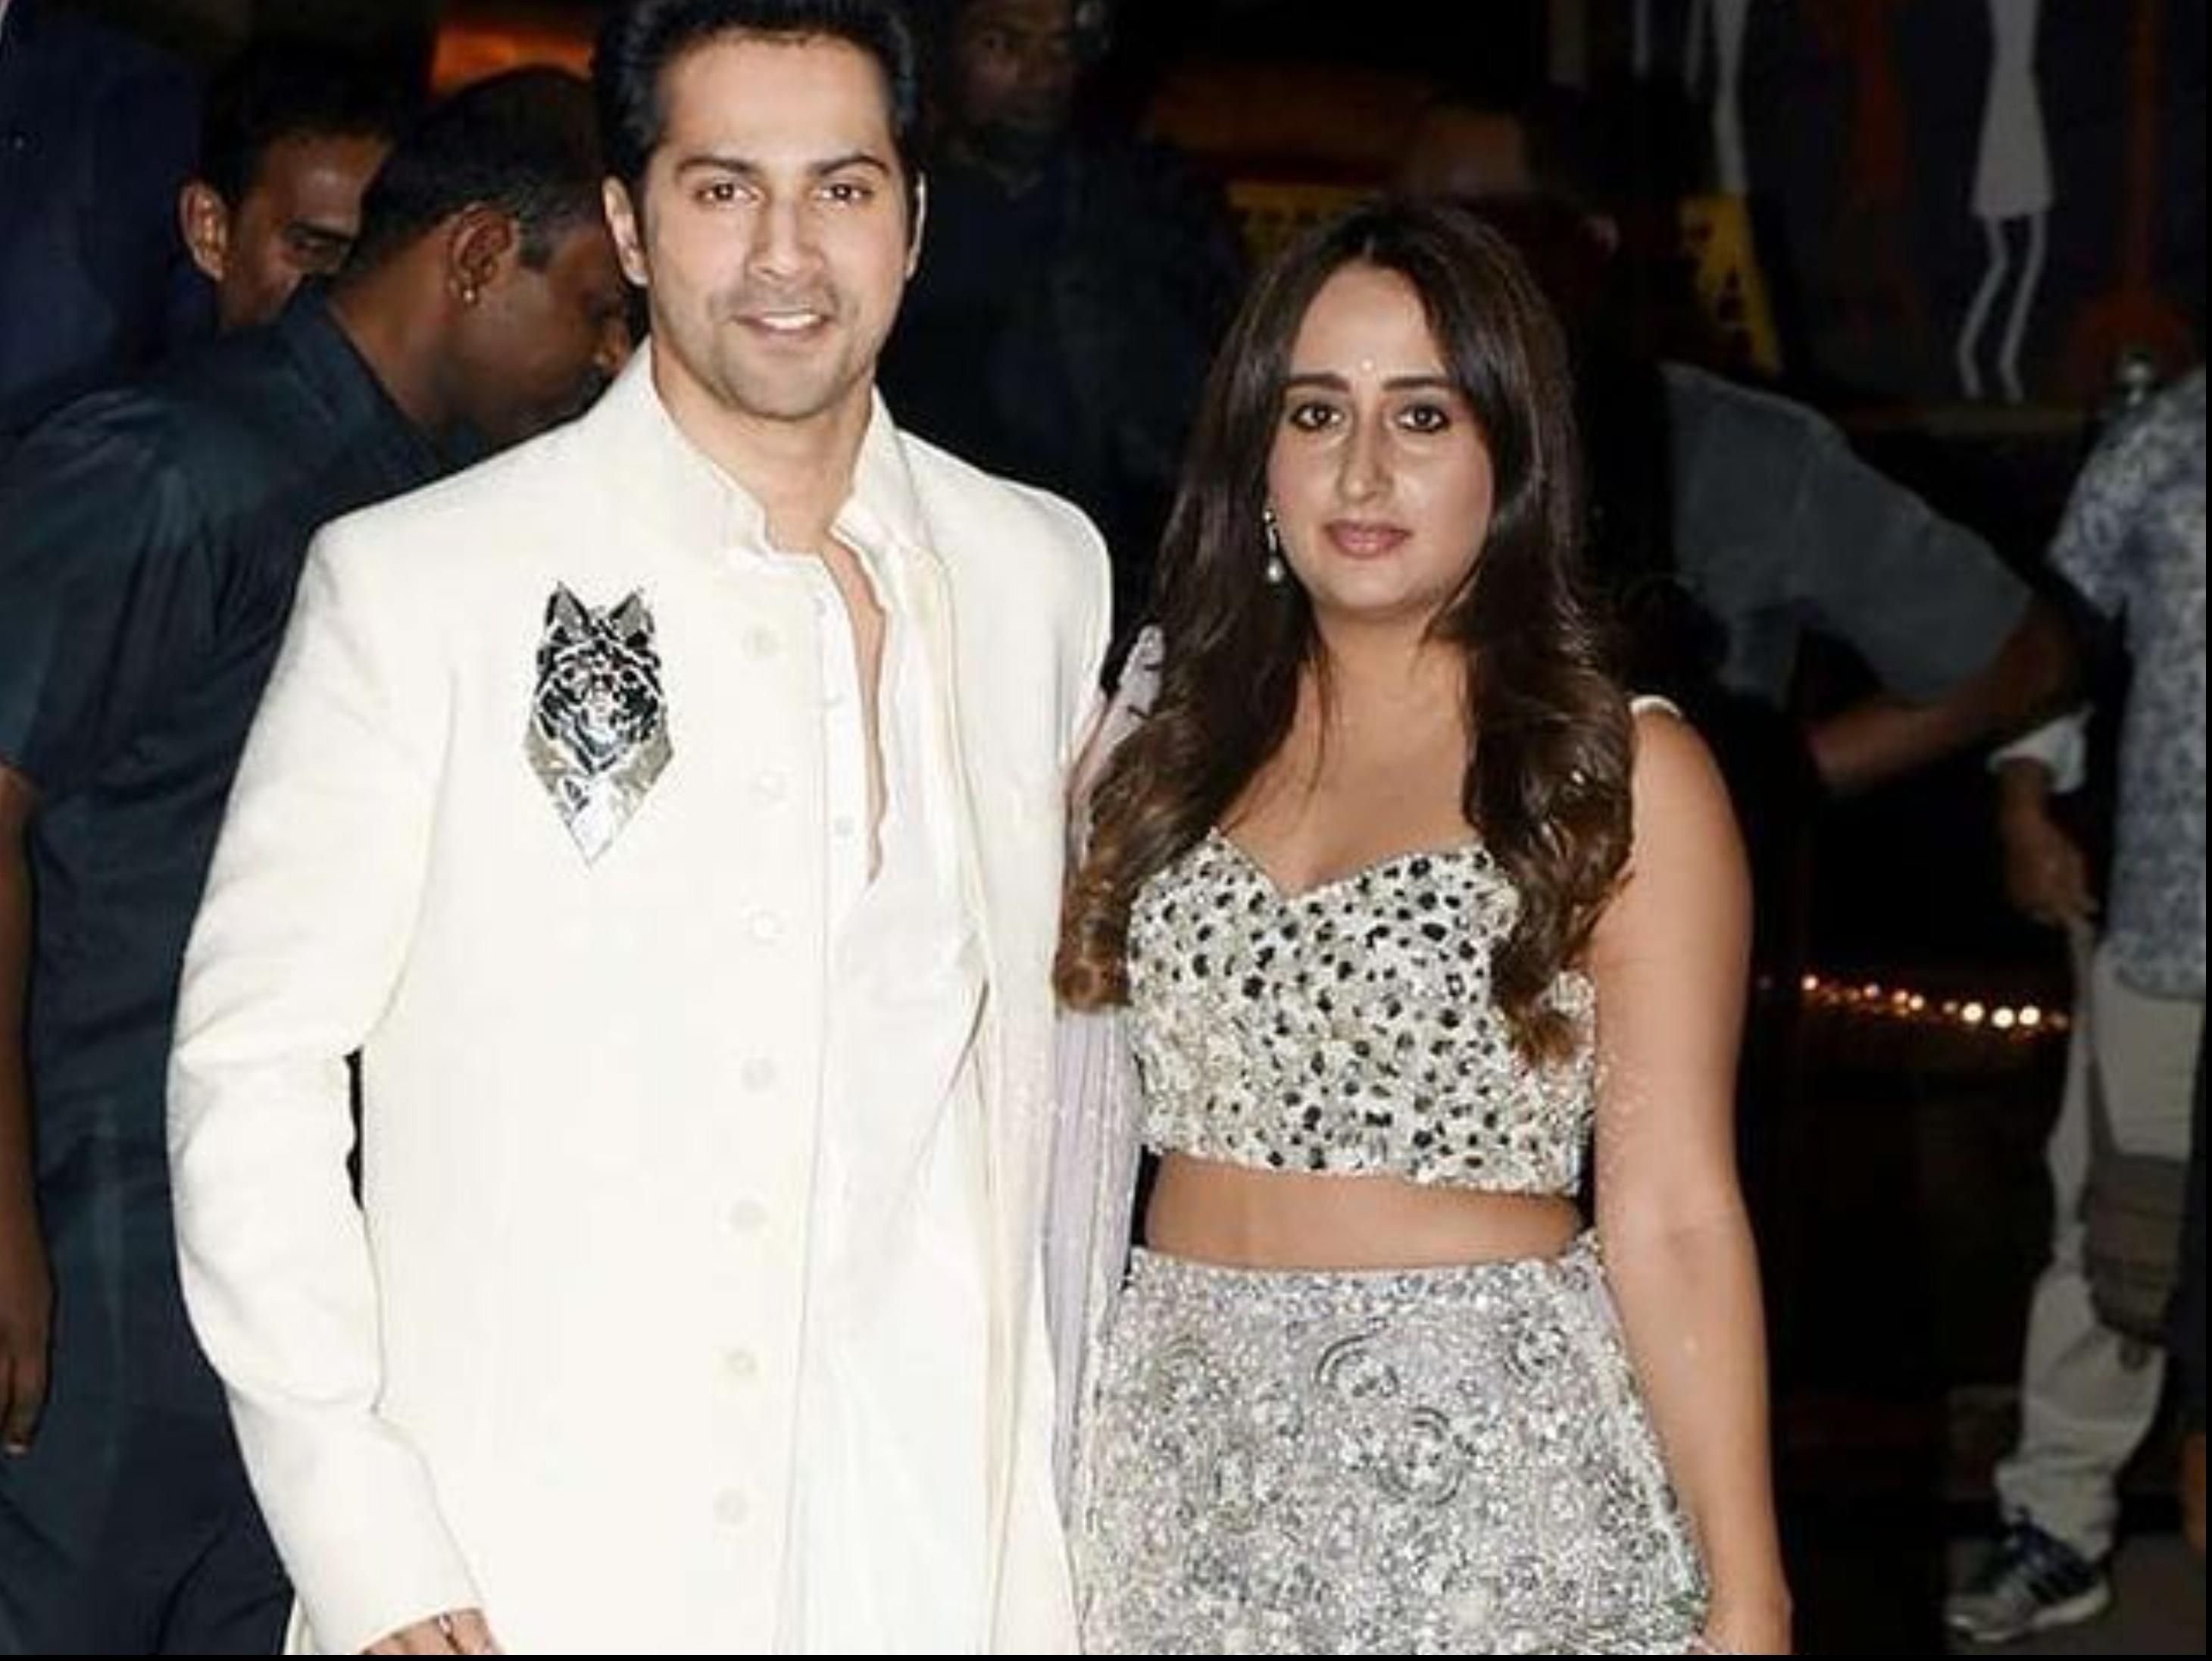 जनवरी में ही शादी करने वाले हैं वरुण धवन-नताशा दलाल, अलीबाग में होटल किया बुक महज 200 मेहमान होंगे शामिल बॉलीवुड,Bollywood - Dainik Bhaskar